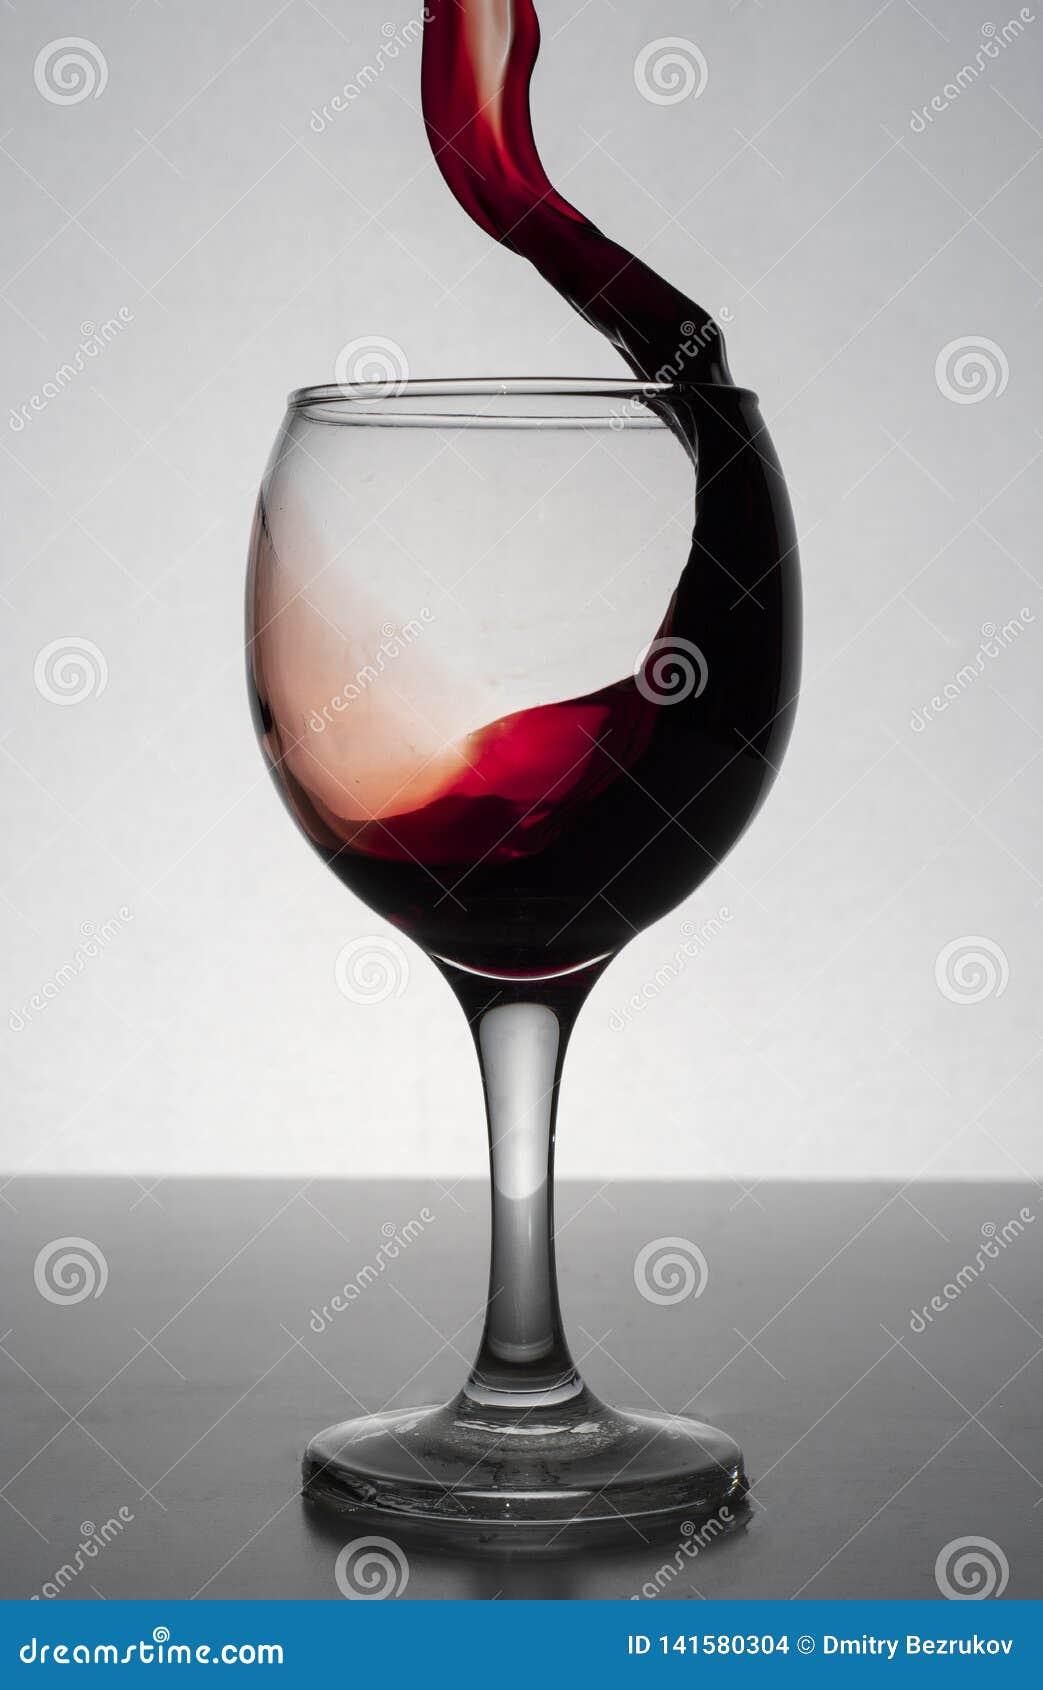 Vino rojo que salpica fuera de una copa